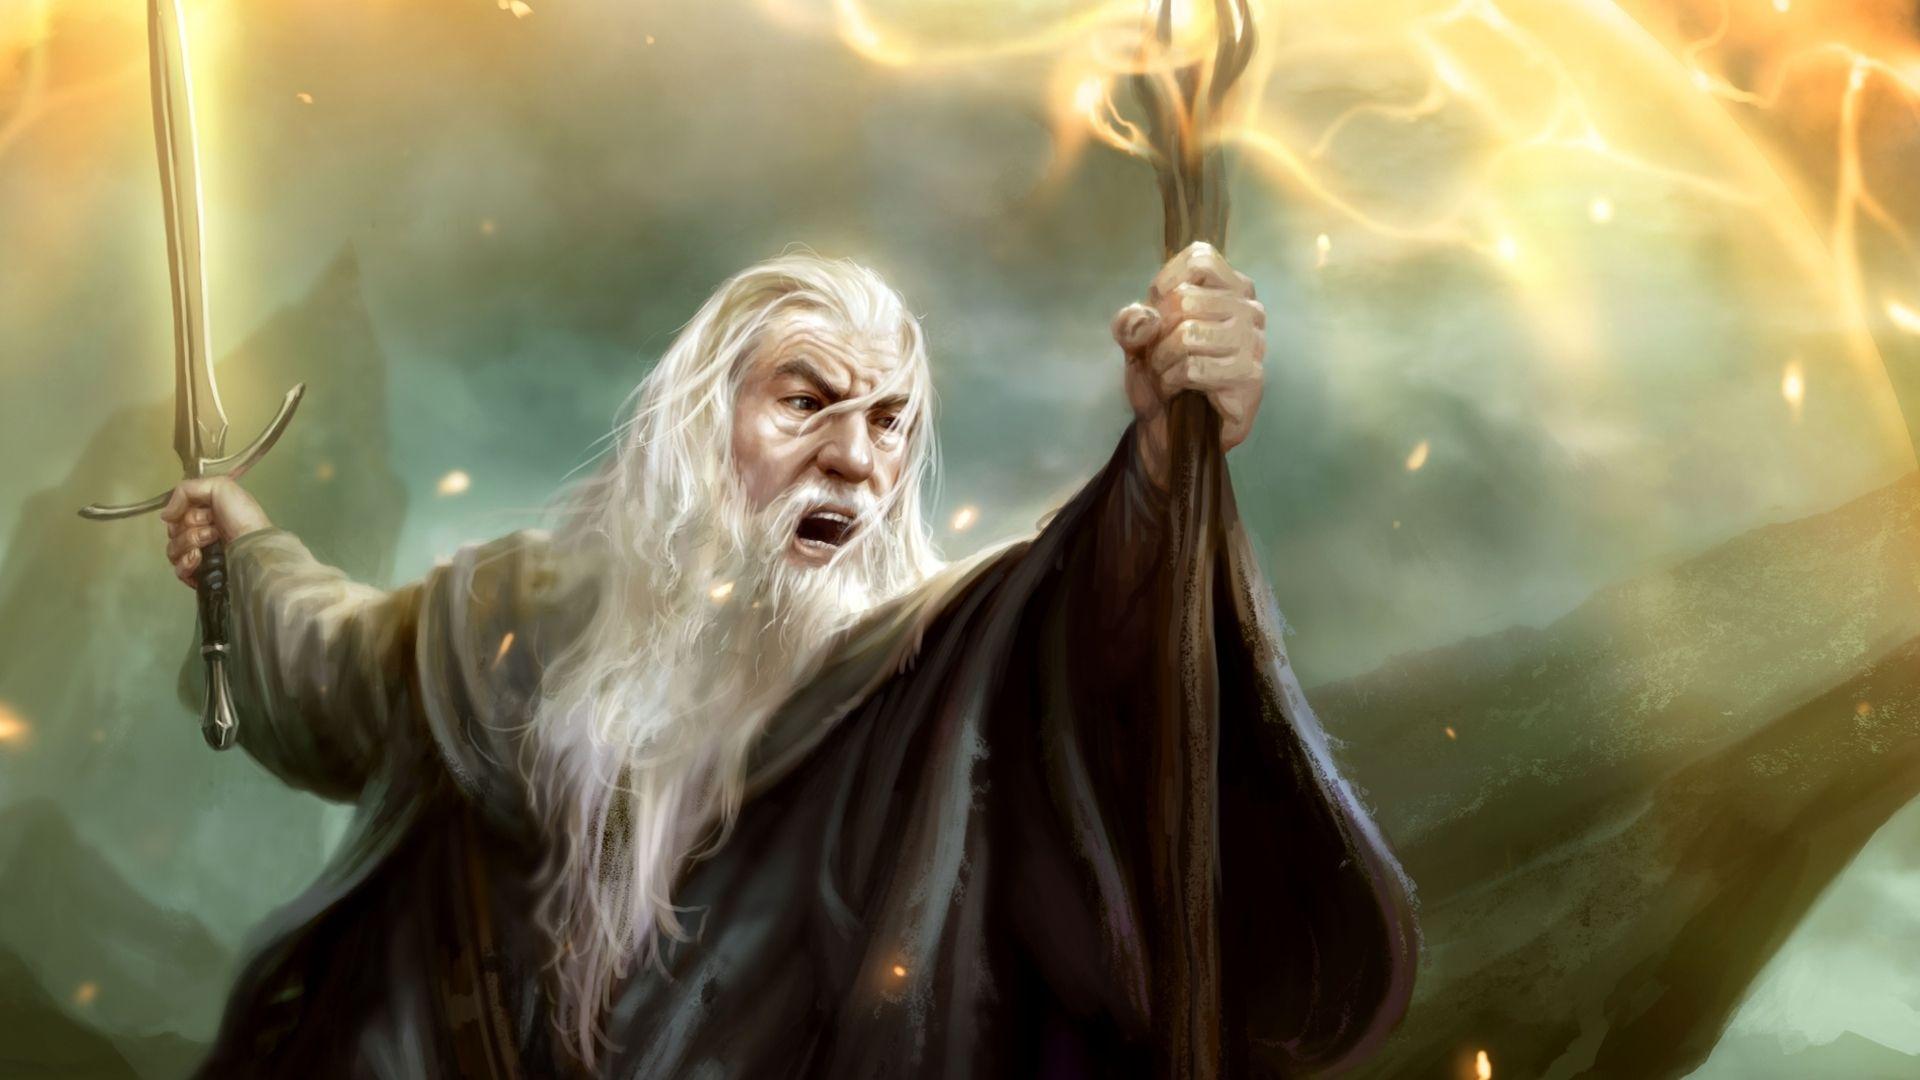 Fantasy Lotr Gandalf You Shall Not Pass Wallpaper Fantasy